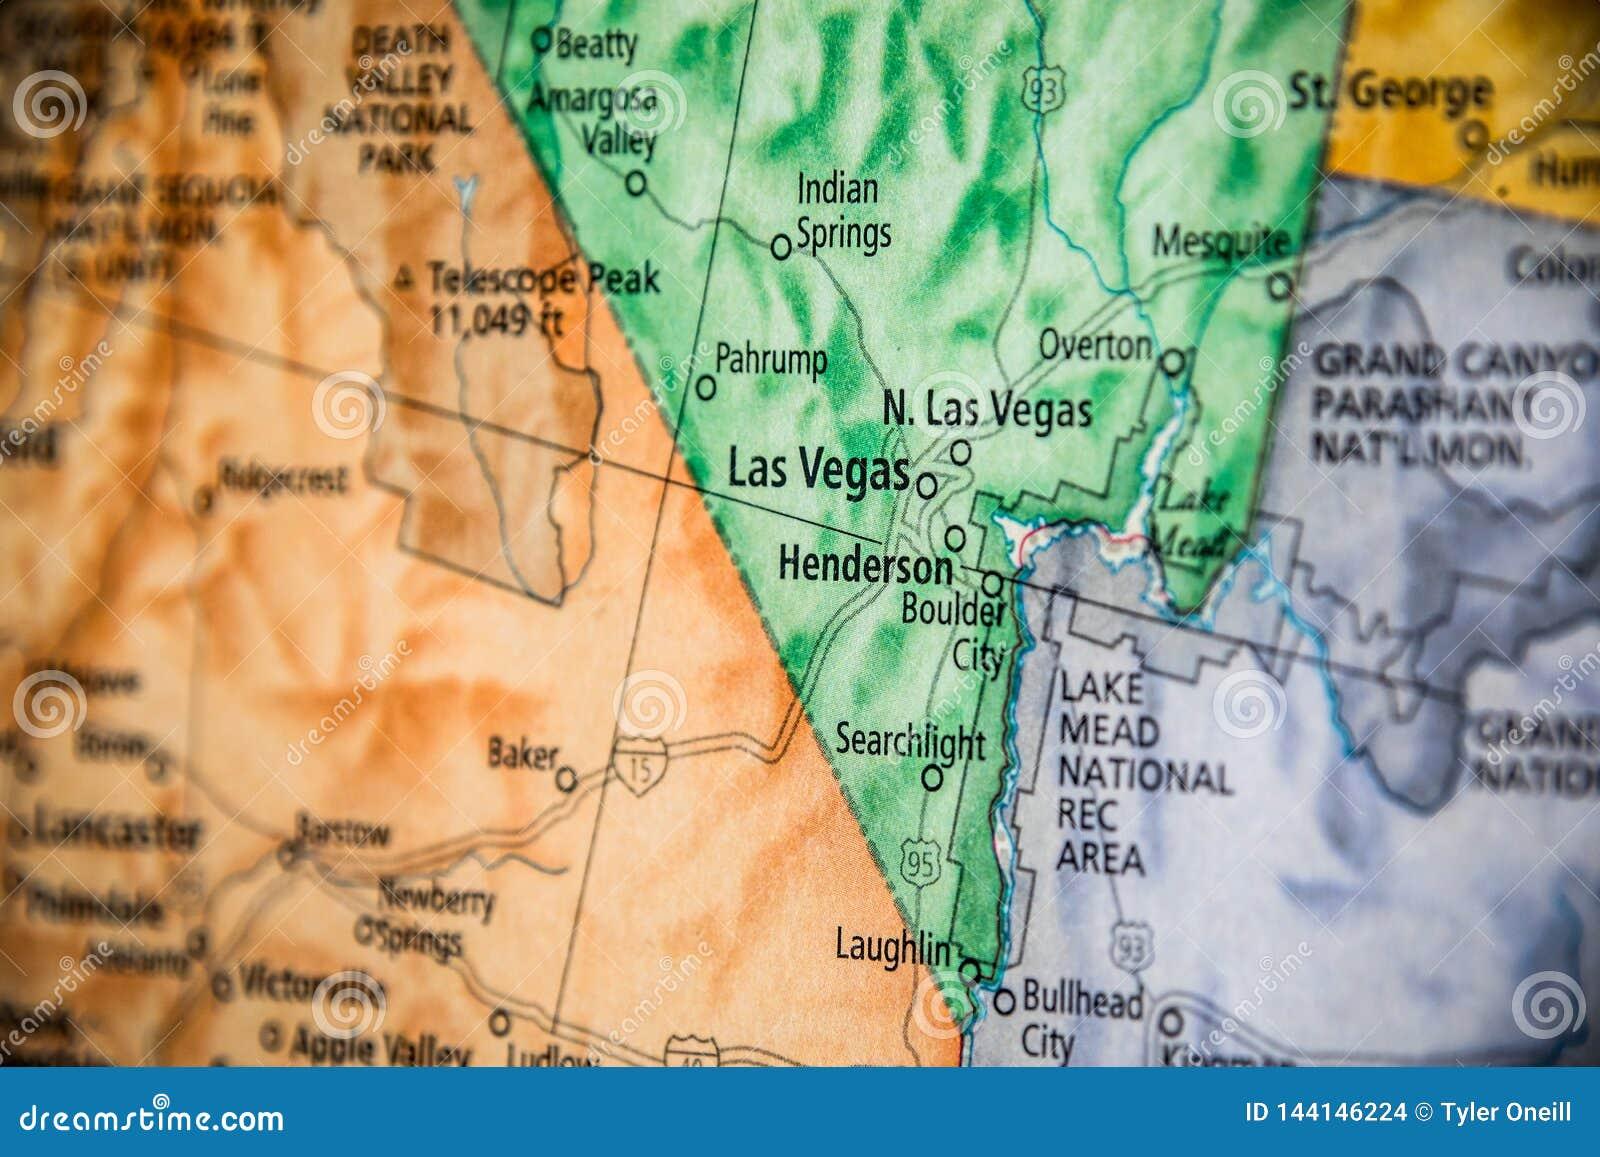 Enfoque Selectivo De Las Vegas Nevada En Un Mapa Geografico Y Politico De Estado De Los Estados Unidos Foto De Archivo Imagen De Selectivo Unidos 144146224